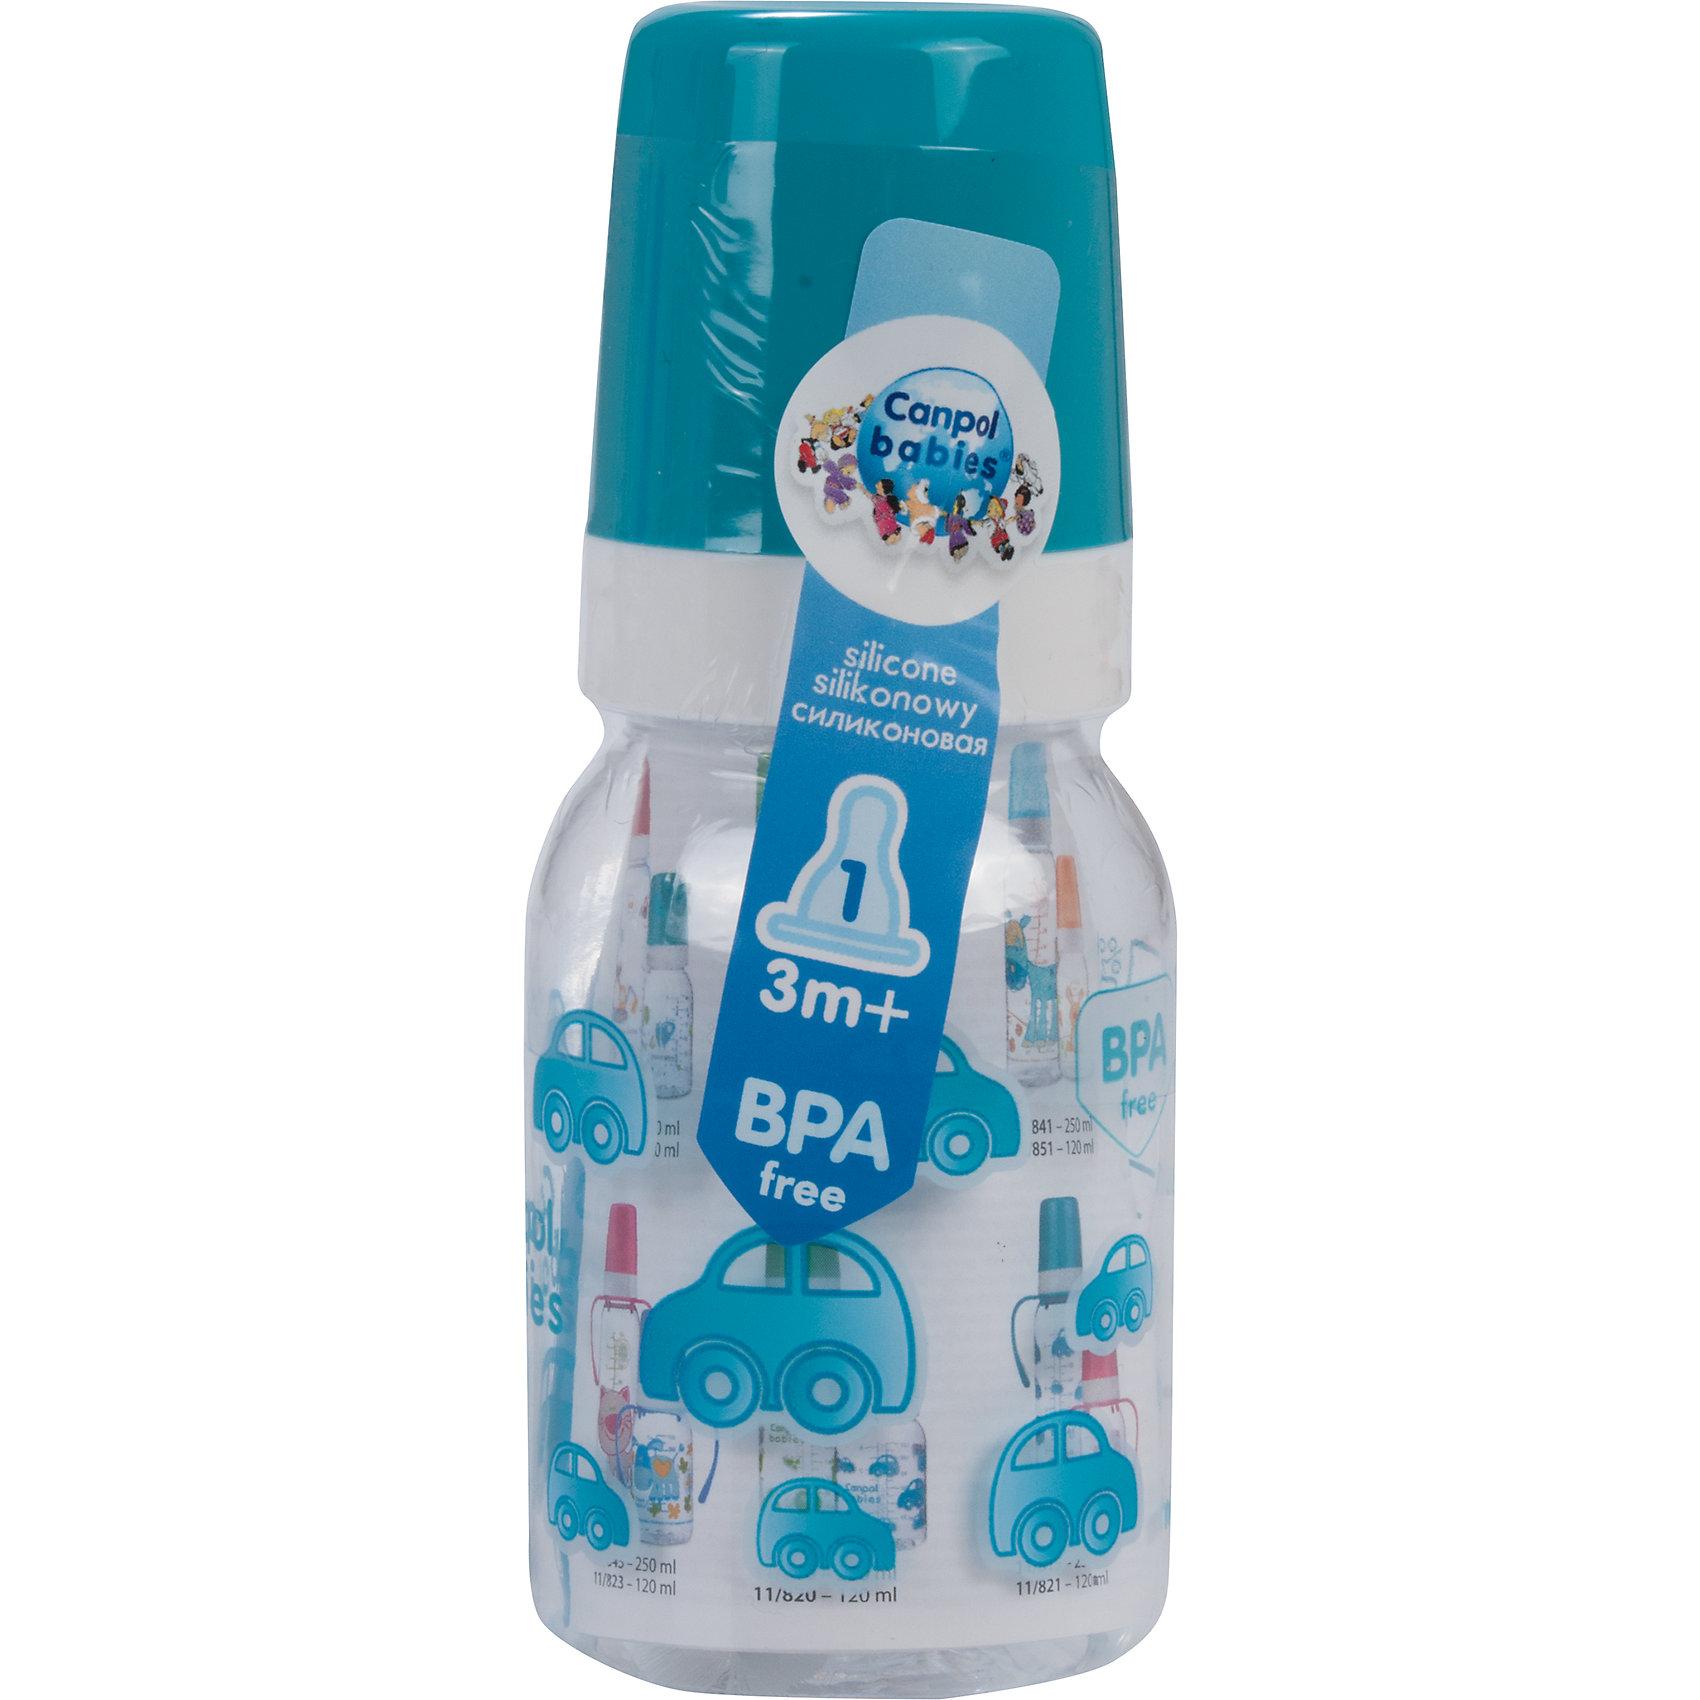 Бутылочка тритановая (BPA 0%) с сил. соской, 120 мл. 3+, Canpol Babies, бирюзовыйБутылочка тритановая (BPA 0%) с сил. соской, 120 мл. 3+, Canpol Babies, (Канпол Бейбис), бирюзовый.<br><br>Характеристики: <br><br>• Объем бутылочки: 120мл.<br>• Материал бутылочки: тритан - пластик нового поколения.<br>• Материал соски: силикон.<br>• Цвет : бирюзовый. <br>Бутылочка тритановая (BPA 0%) с сил. соской, 120 мл. 3+, Canpol Babies, (Канпол Бейбис) имеет классическую форму. Удобна в использовании дома и в дороге. Бутылочка выполнена из безопасного качественного материала - тритана, который хорошо держит тепло, снабжена силиконовой соской (медленный поток) и защитным колпачком, имеет удобную мерную шкалу.  Такую бутылочку и все части можно кипятить в воде или стерилизовать с помощью специального прибора. Не впитывает запахи.<br>Бутылочку тритановая (BPA 0%) с сил. соской, 120 мл. 3+, Canpol Babies, (Канпол Бейбис), бирюзовый можно купить в нашем интернет- магазине.<br><br>Ширина мм: 61<br>Глубина мм: 54<br>Высота мм: 171<br>Вес г: 490<br>Возраст от месяцев: 3<br>Возраст до месяцев: 18<br>Пол: Мужской<br>Возраст: Детский<br>SKU: 5156799